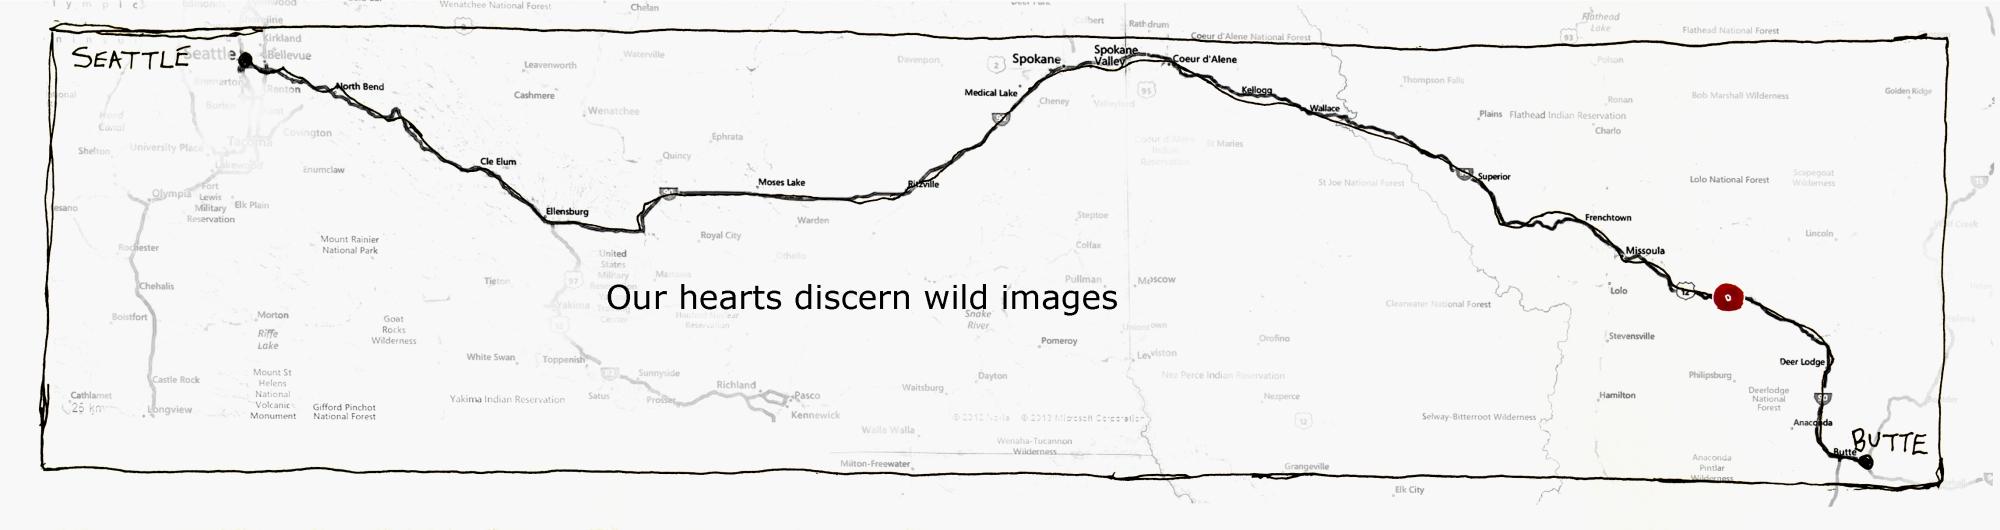 452 map